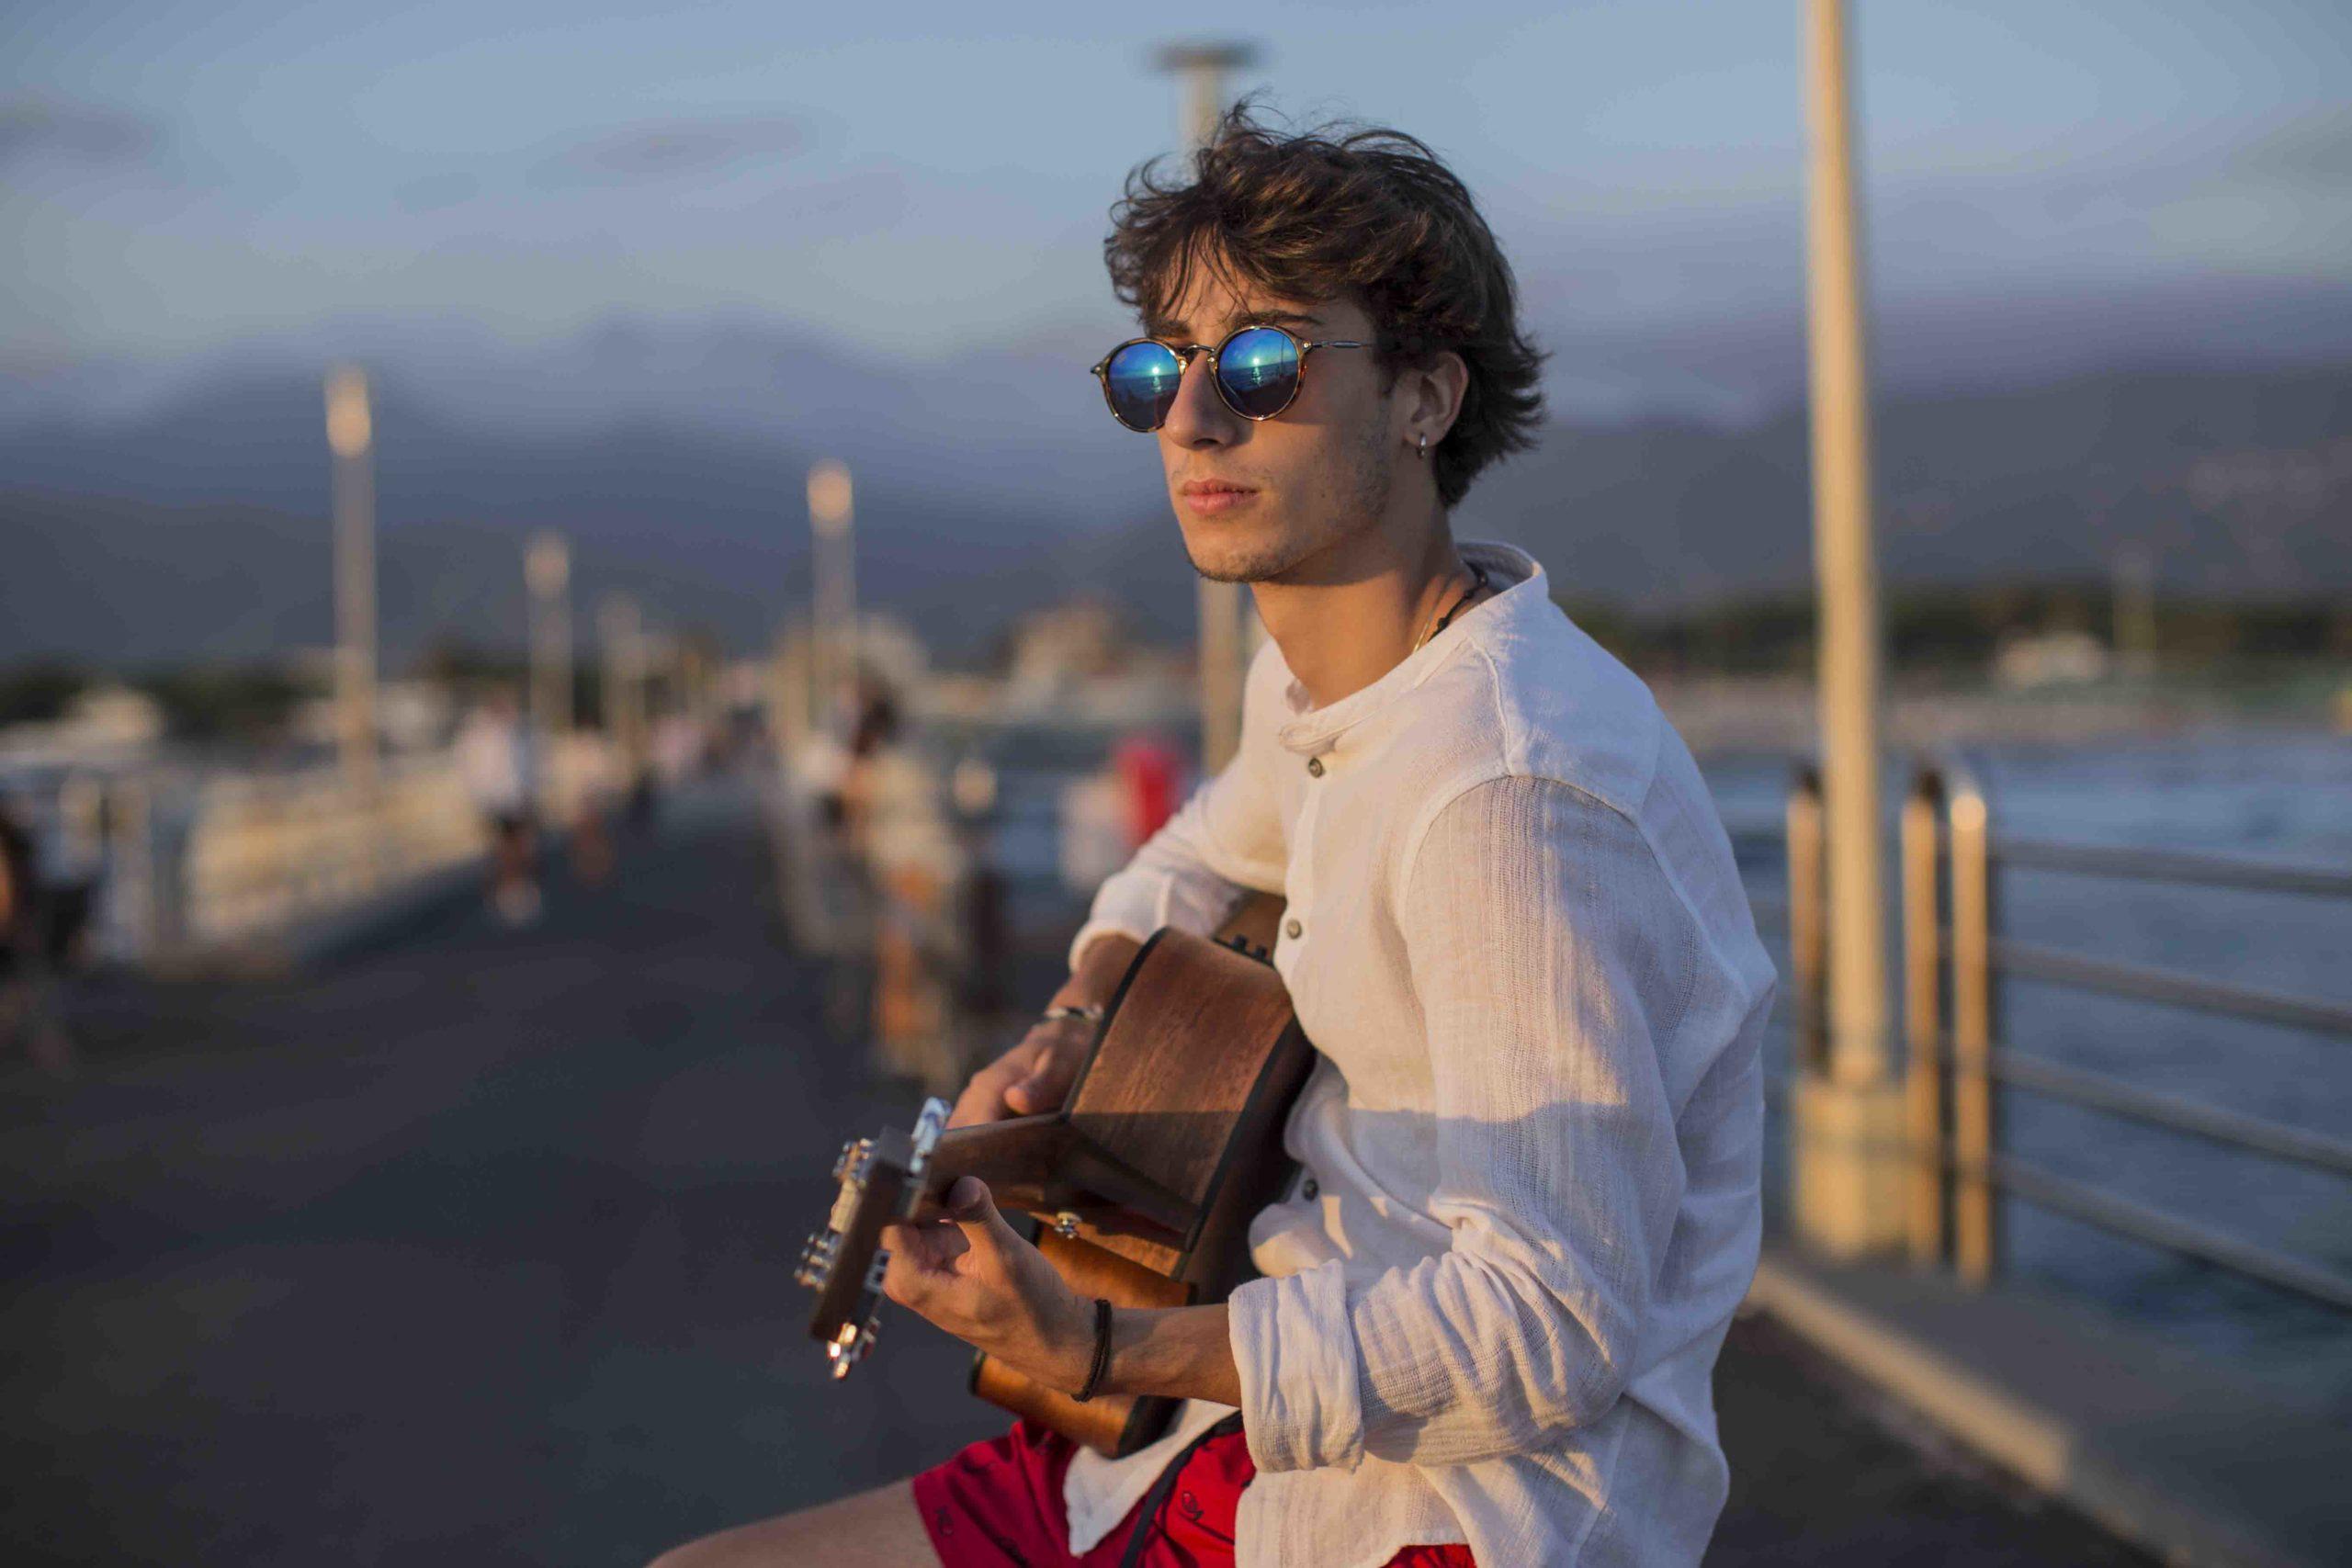 Leo Badiali con la sua chitarra, foto di Marco Francesconi